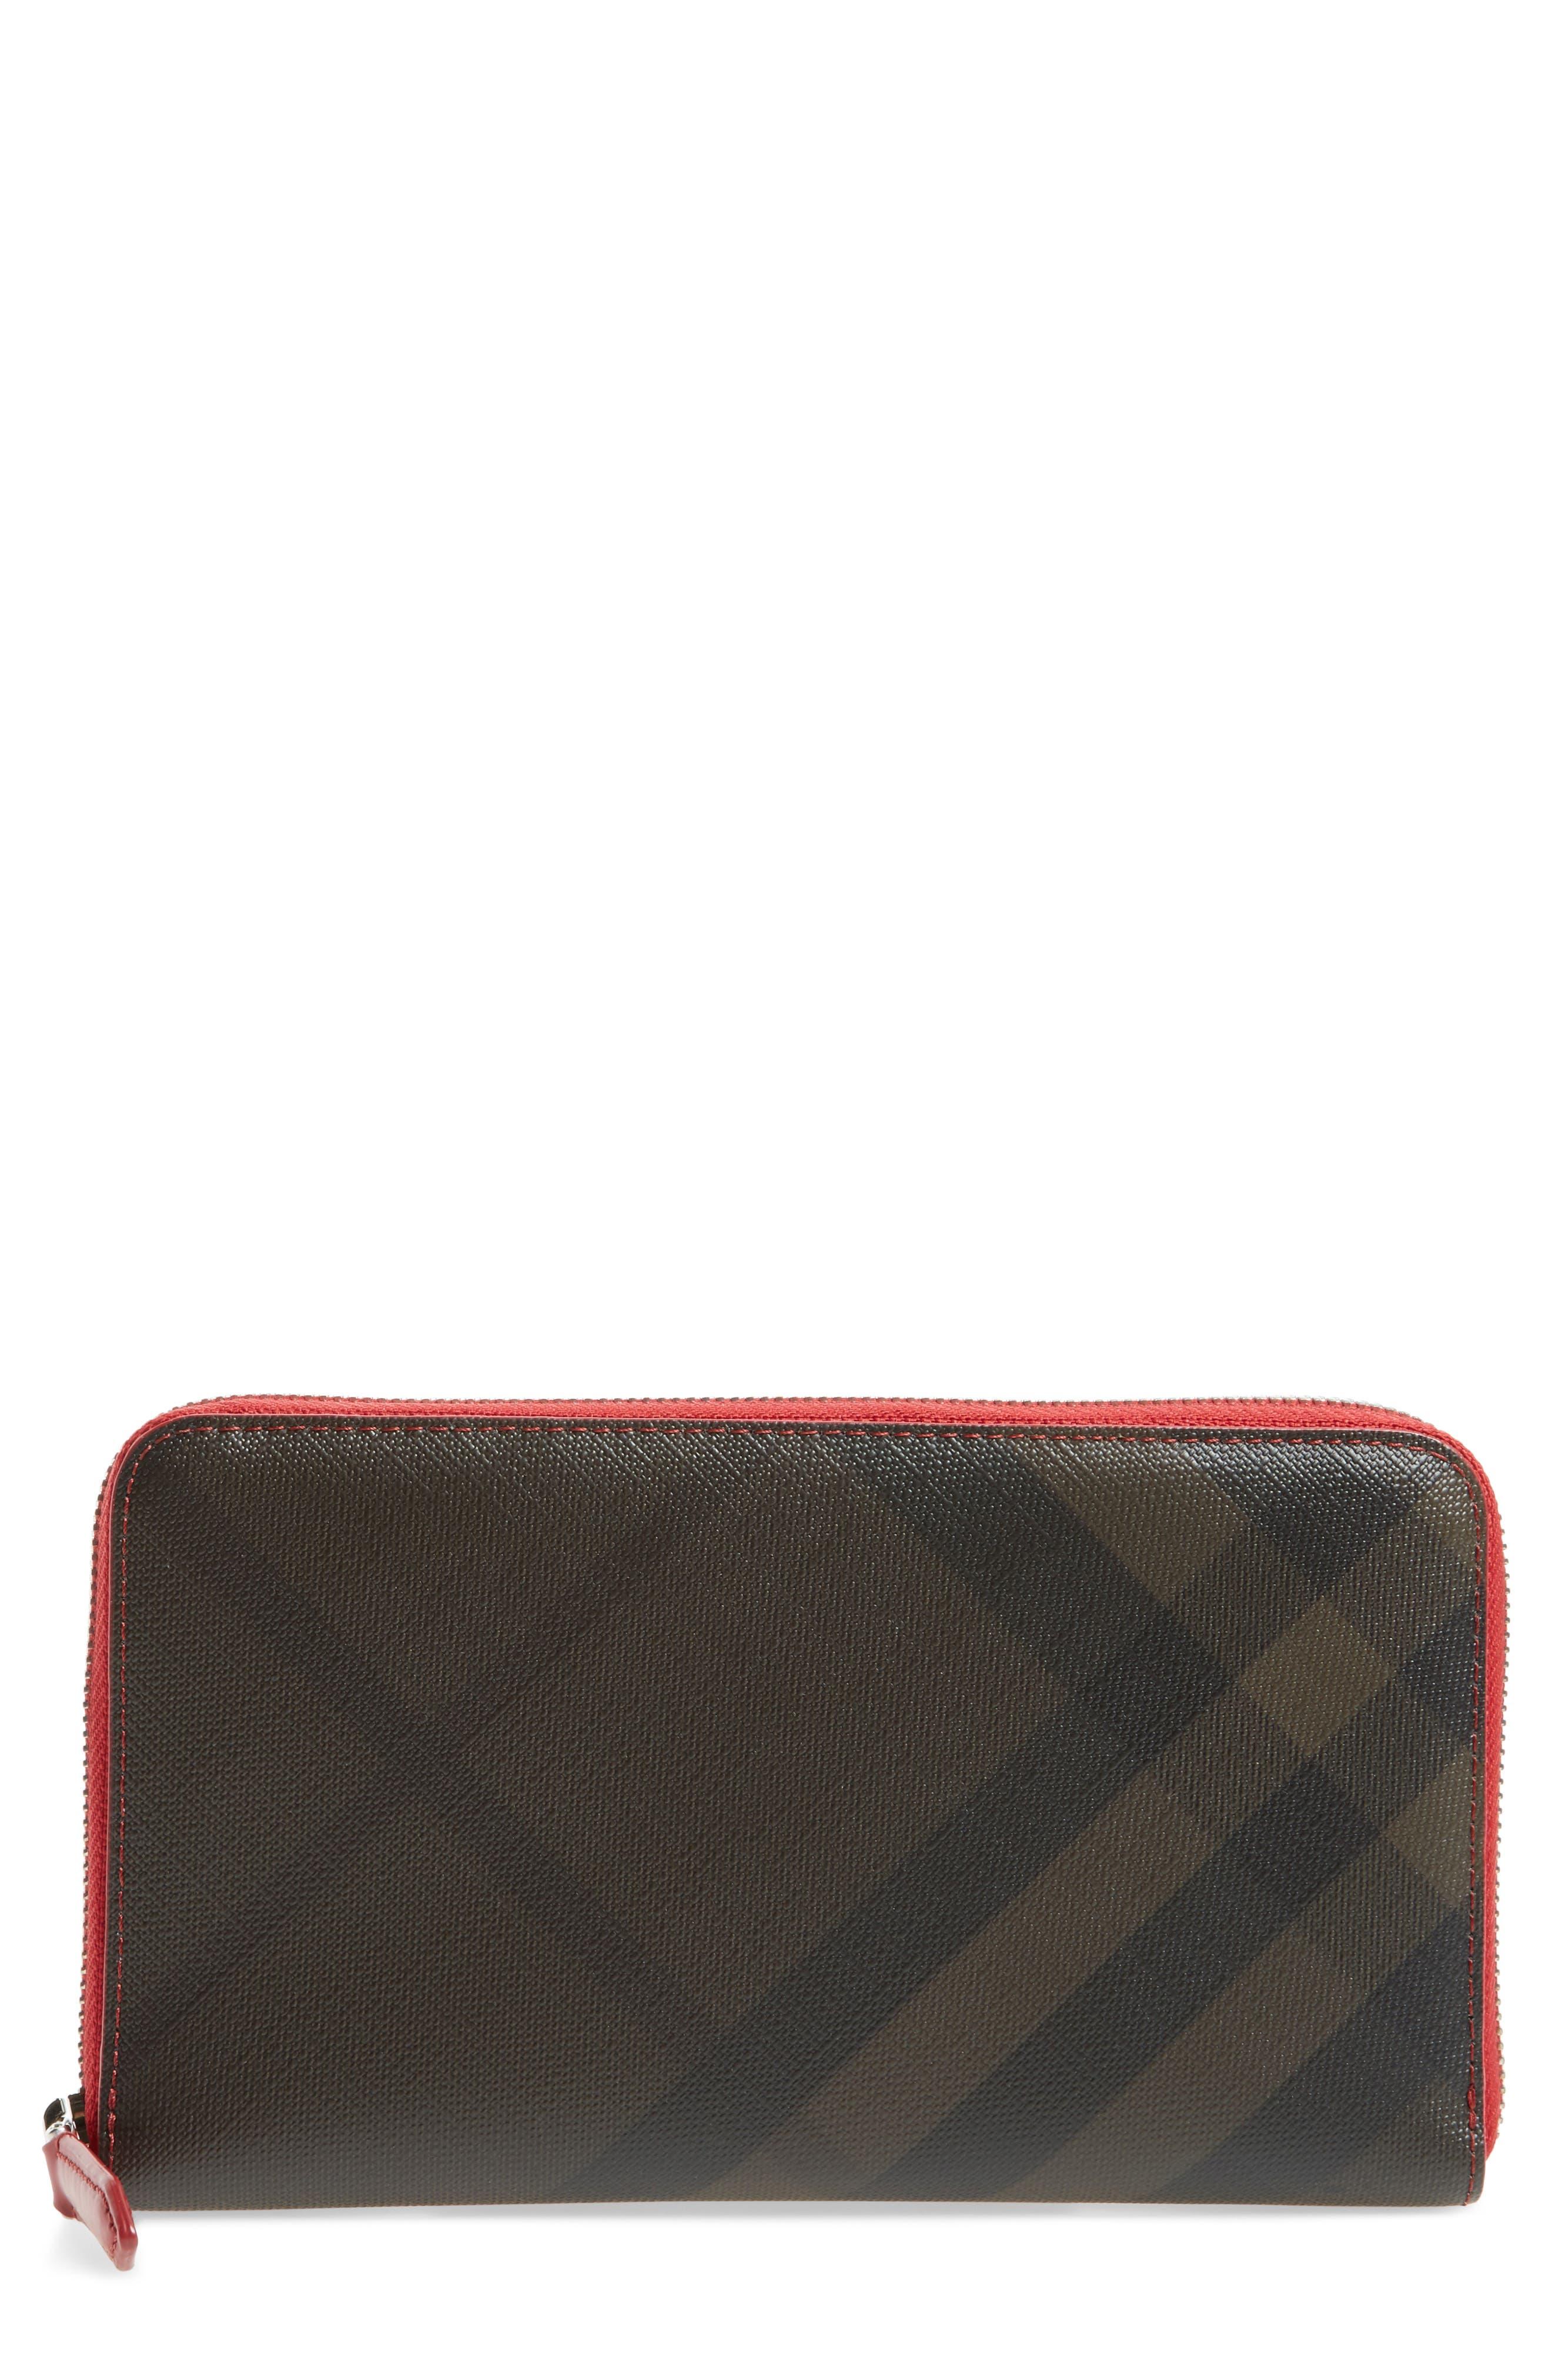 Check Zip Wallet,                         Main,                         color, 207